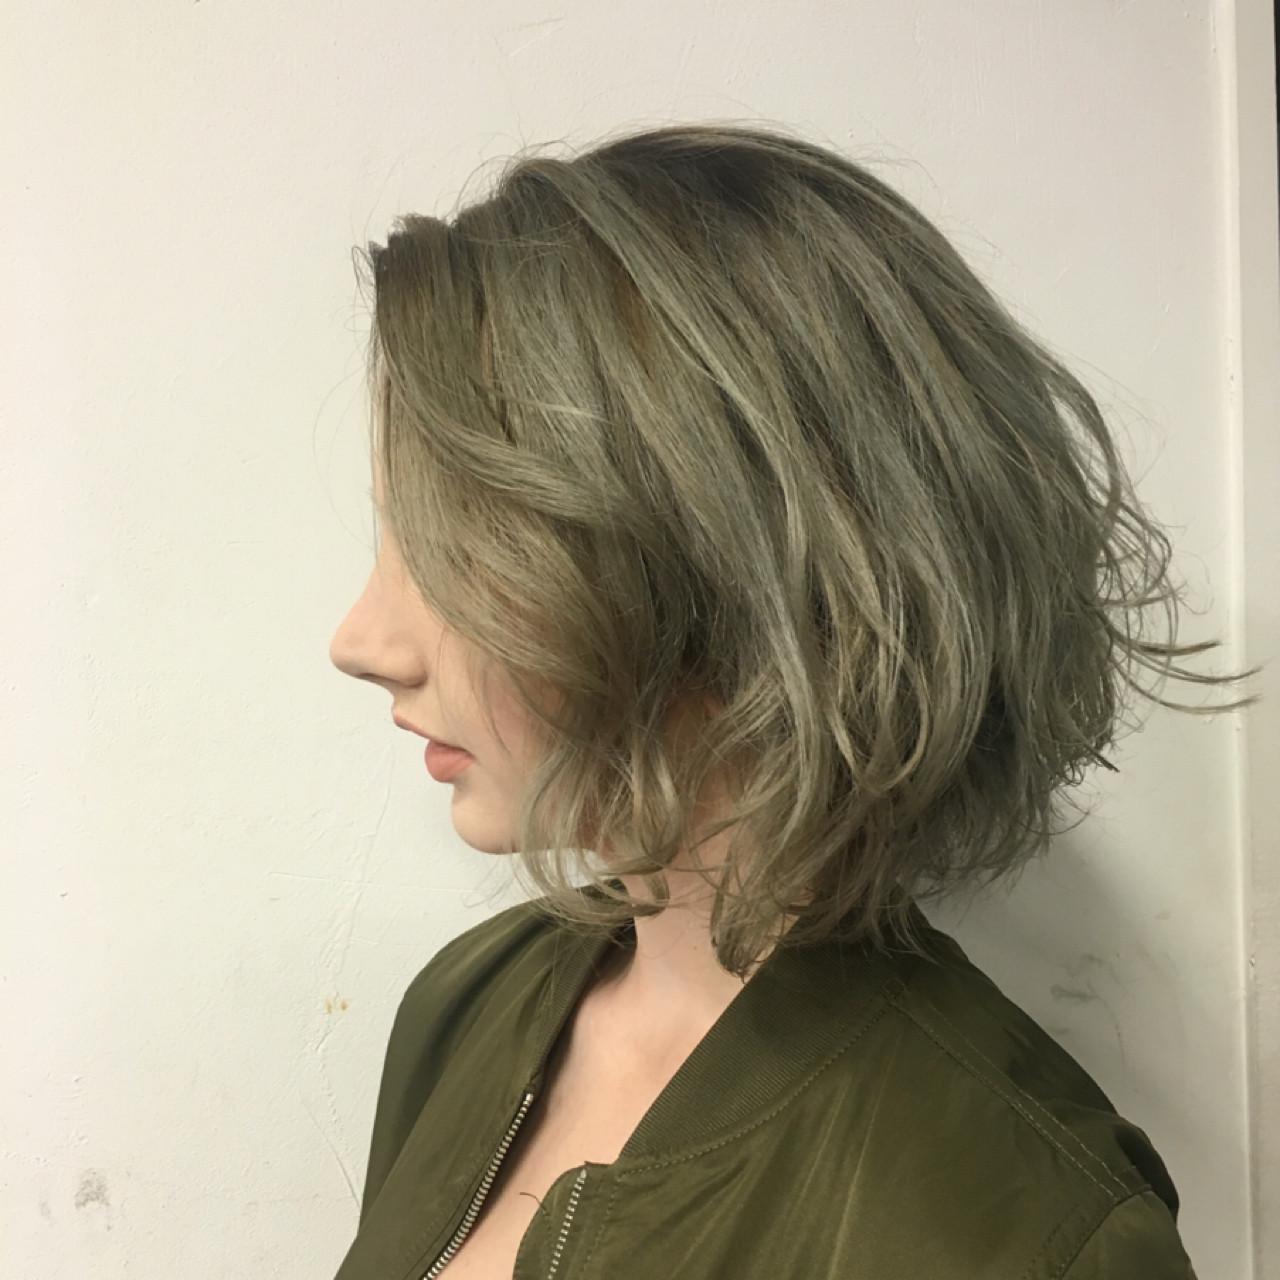 冬のくすみ感はカーキグレージュで手に入る。おすすめくすみカラーヘアスタイルまとめ  Sachiko Handa